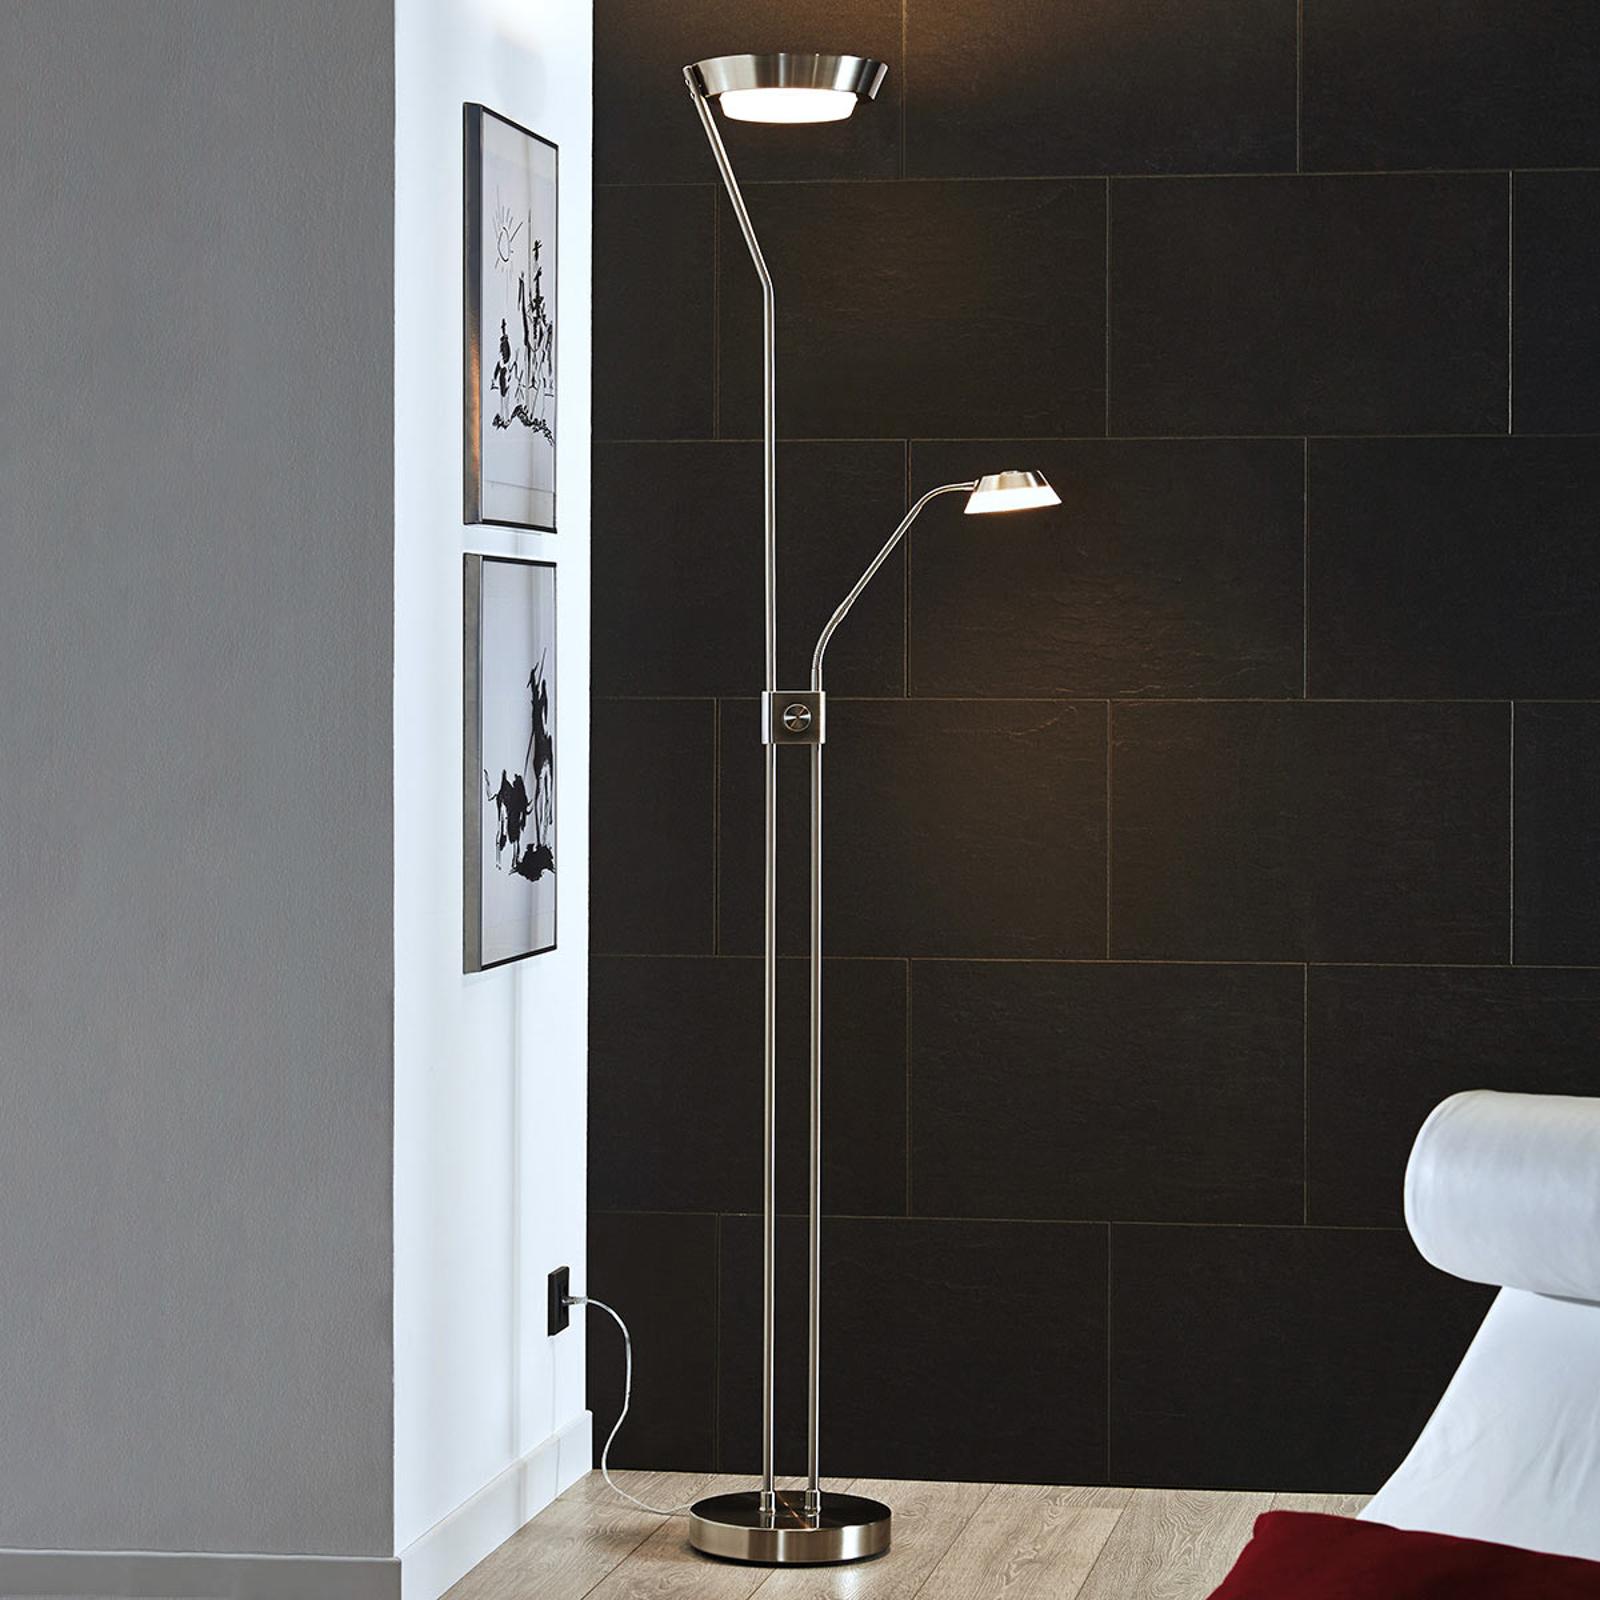 LED-stålampe Sarrione i stål, nikkel matt